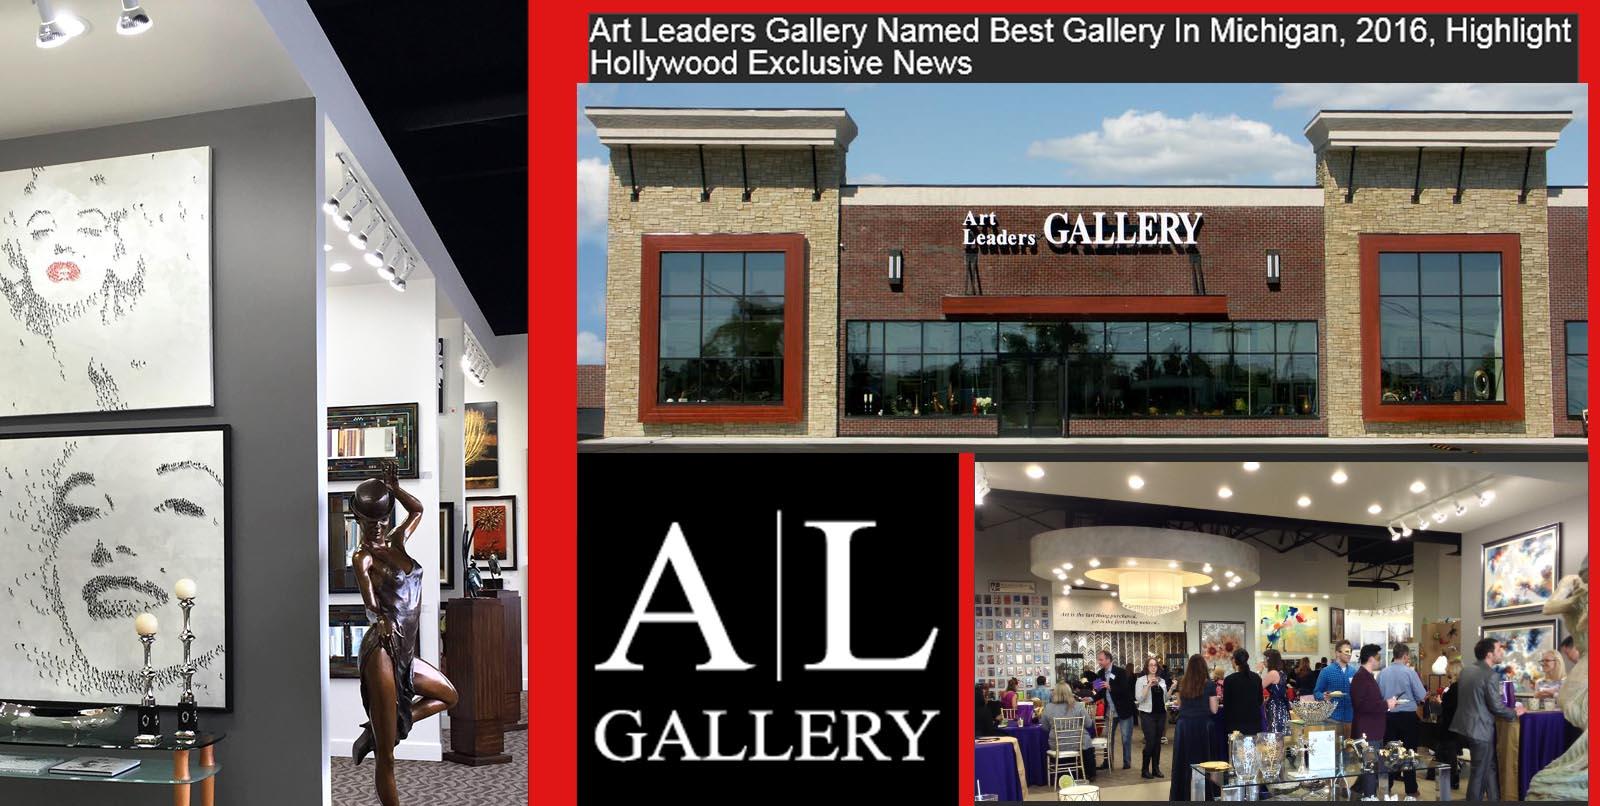 AAA gallery MI